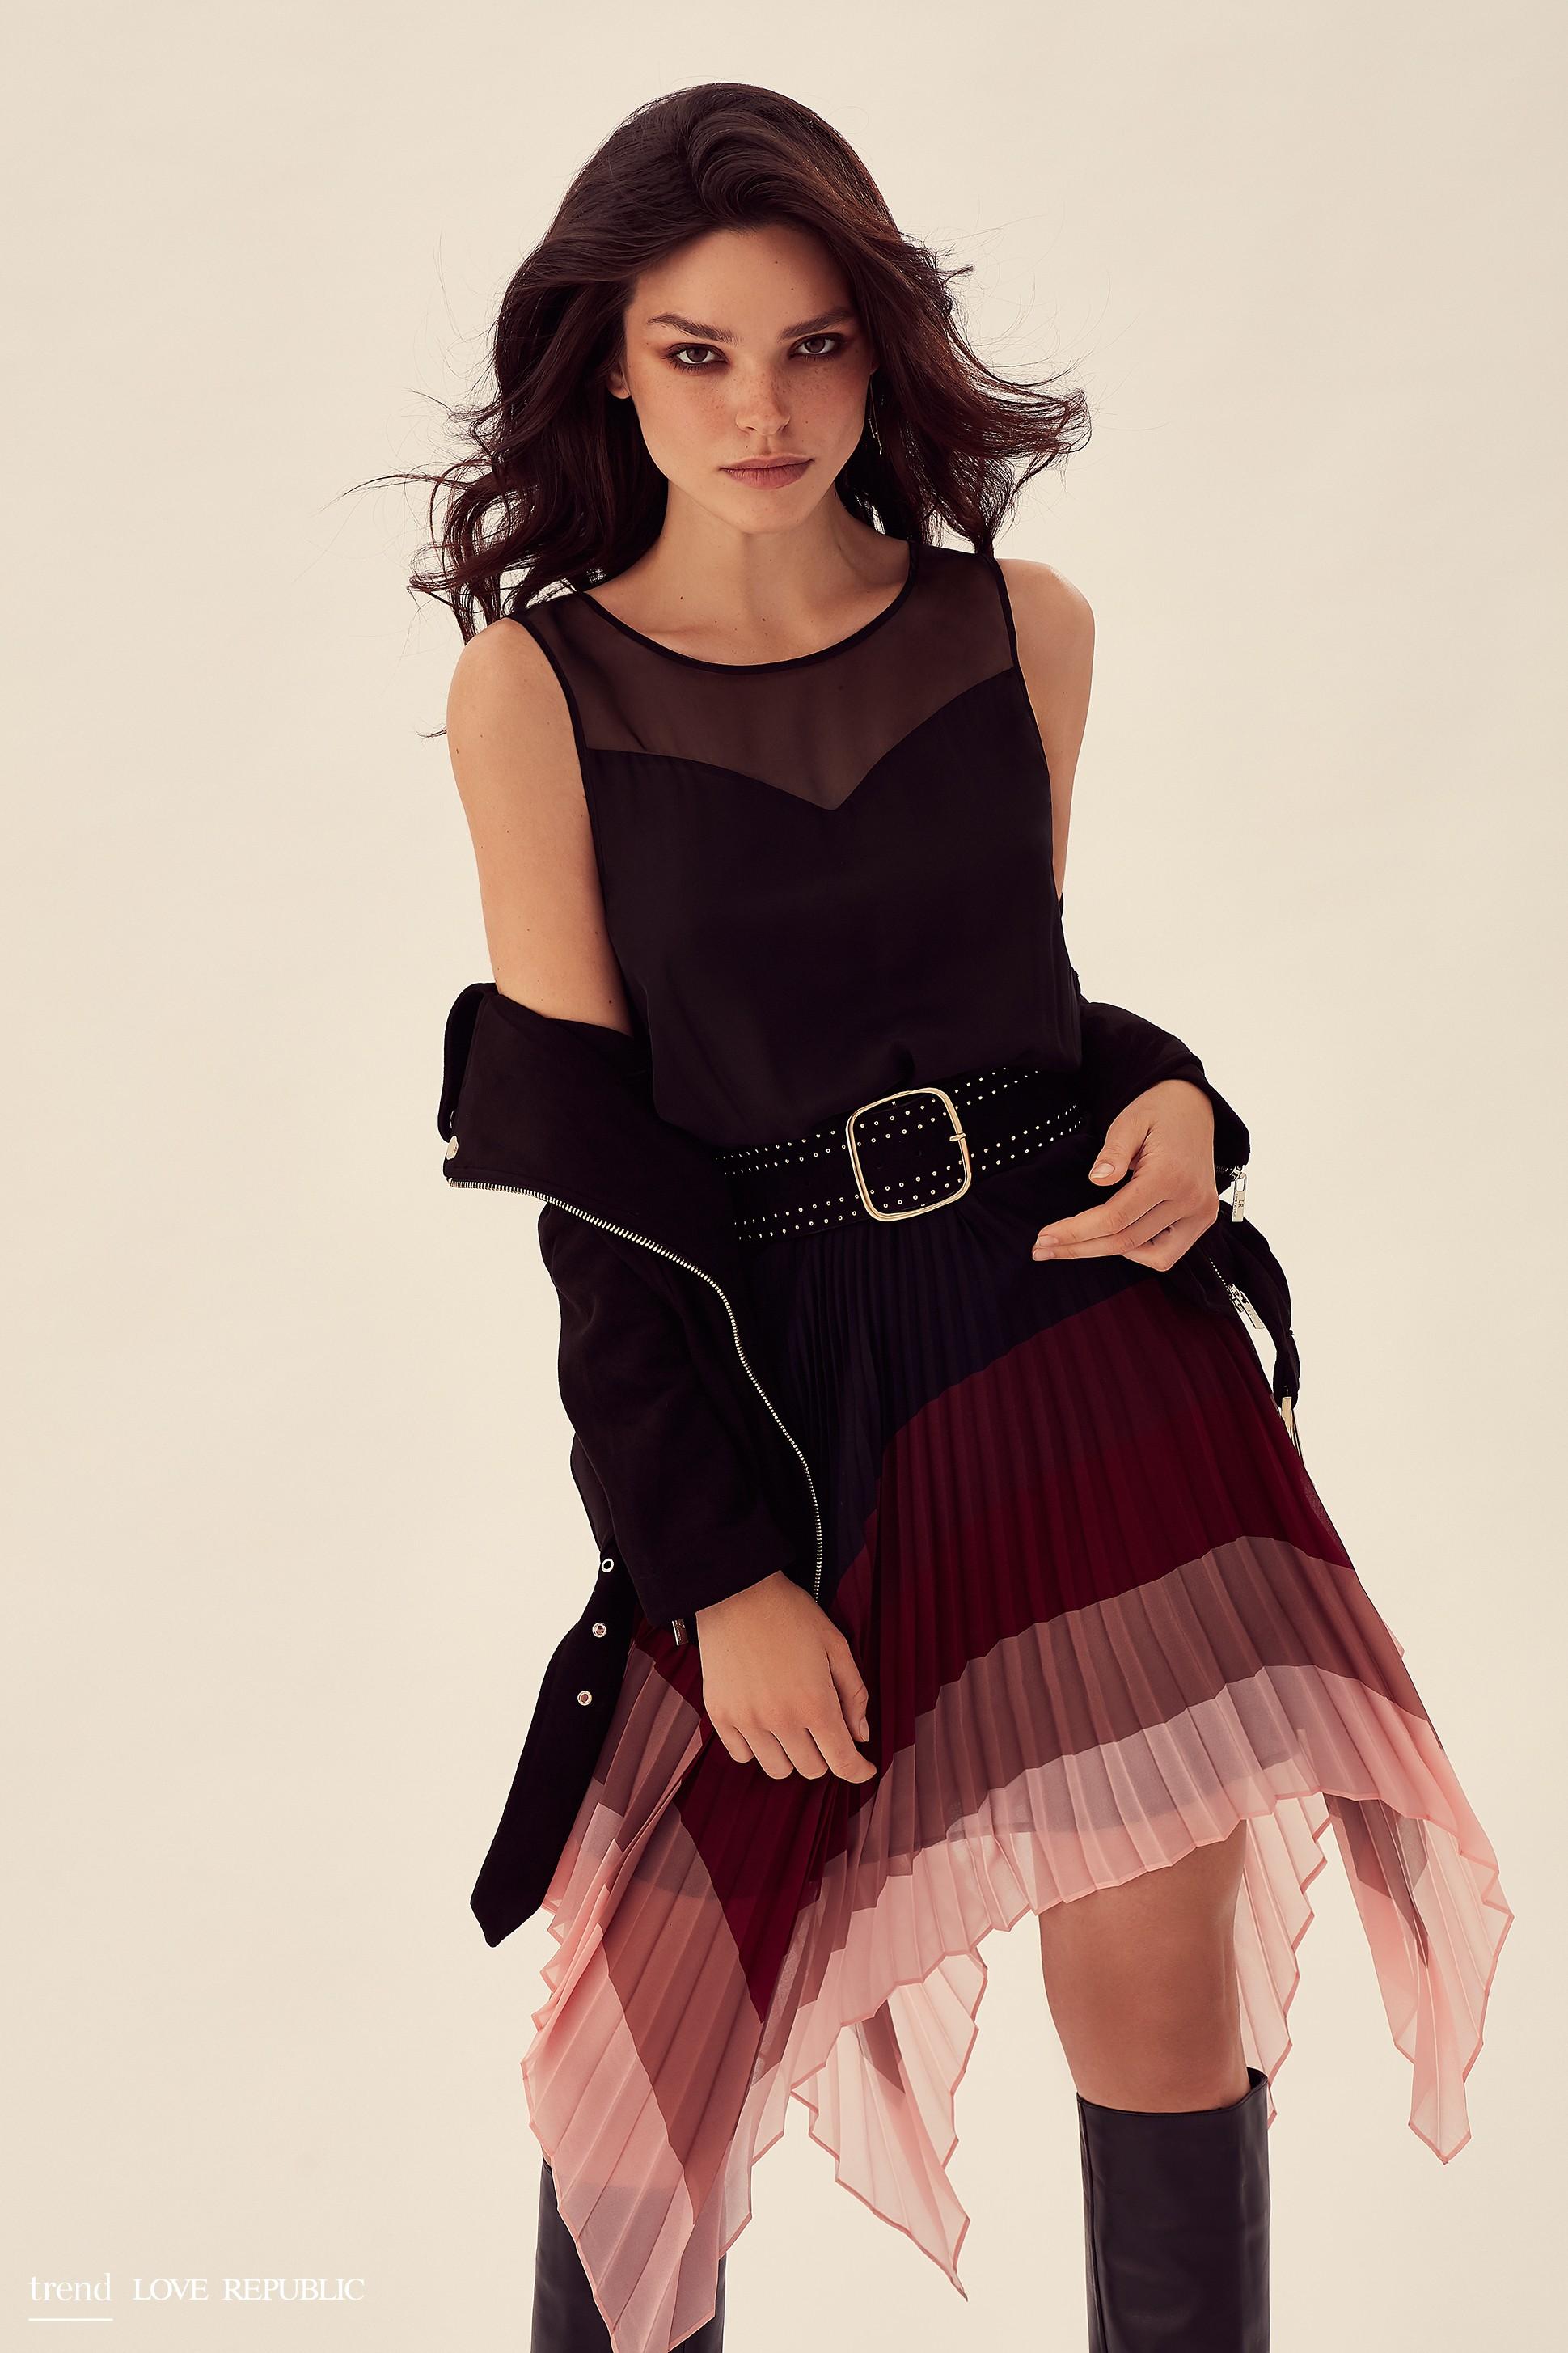 44446e58dfd8a Купить красивое женское платье - интернет-магазин «Love Republic»